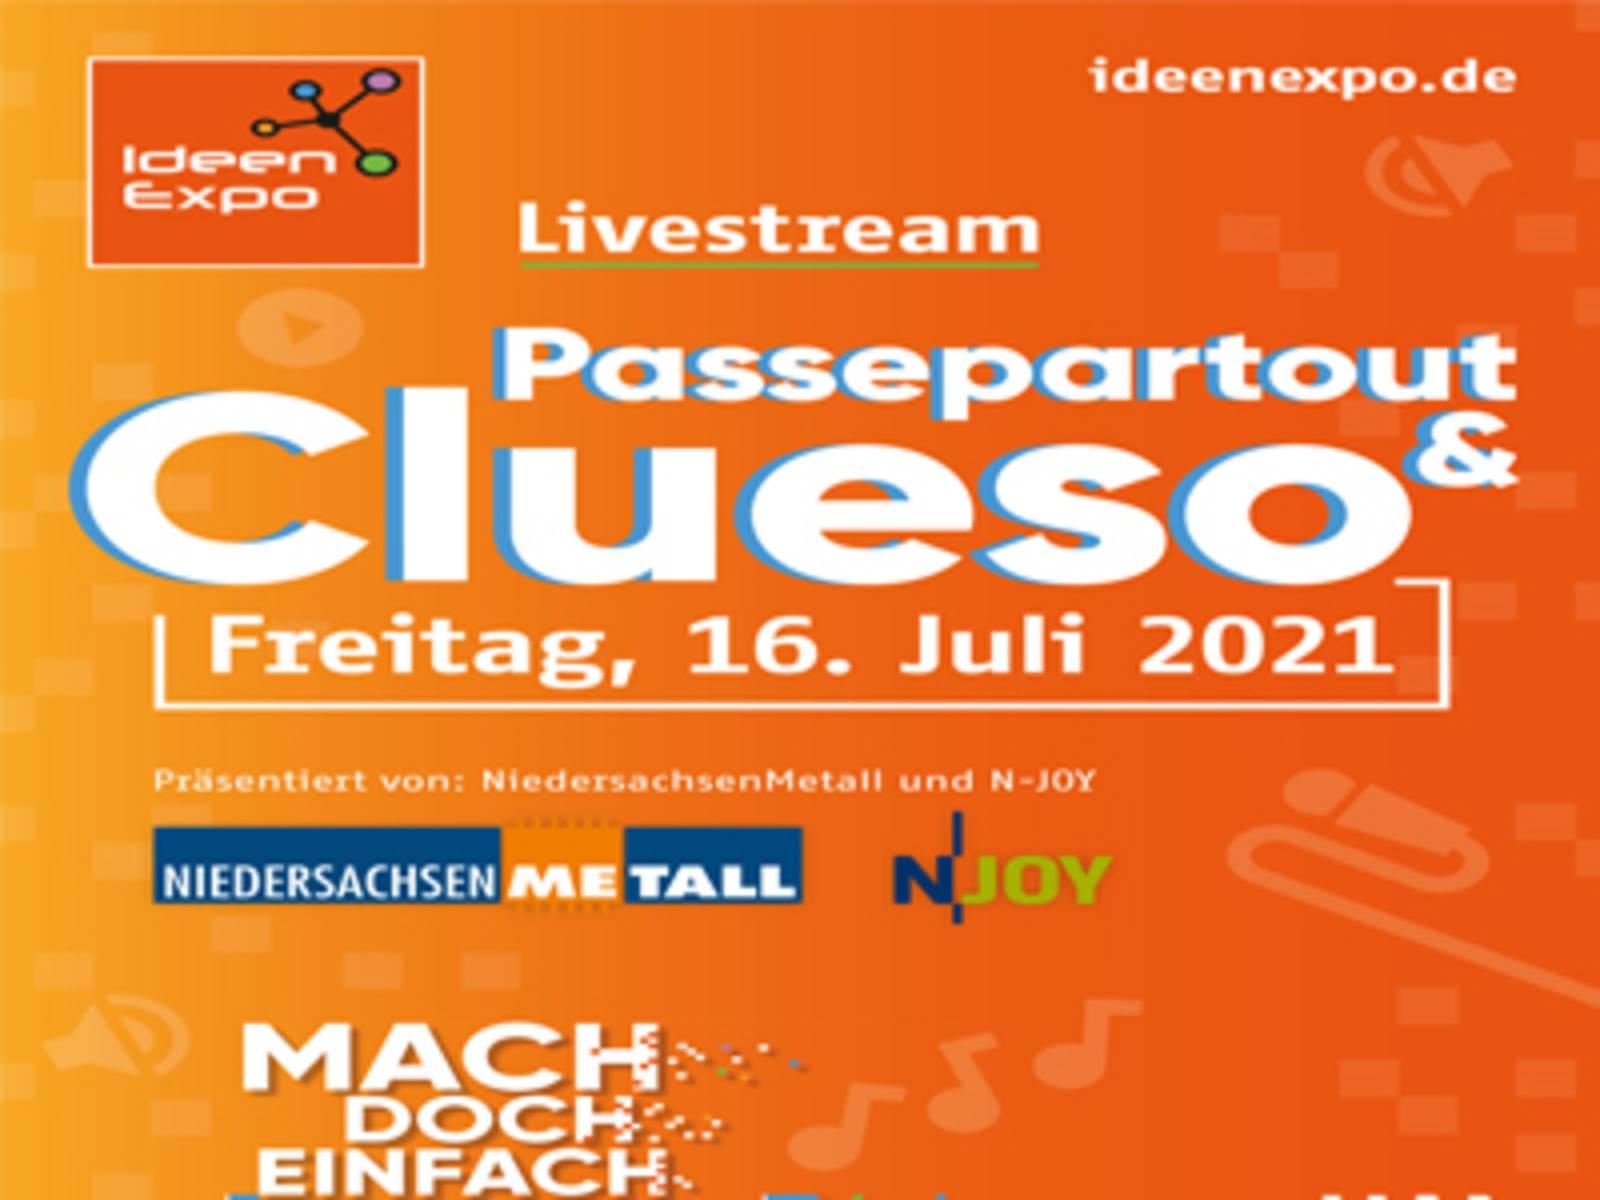 Clueso & Passepartout live auf der IdeenExpo